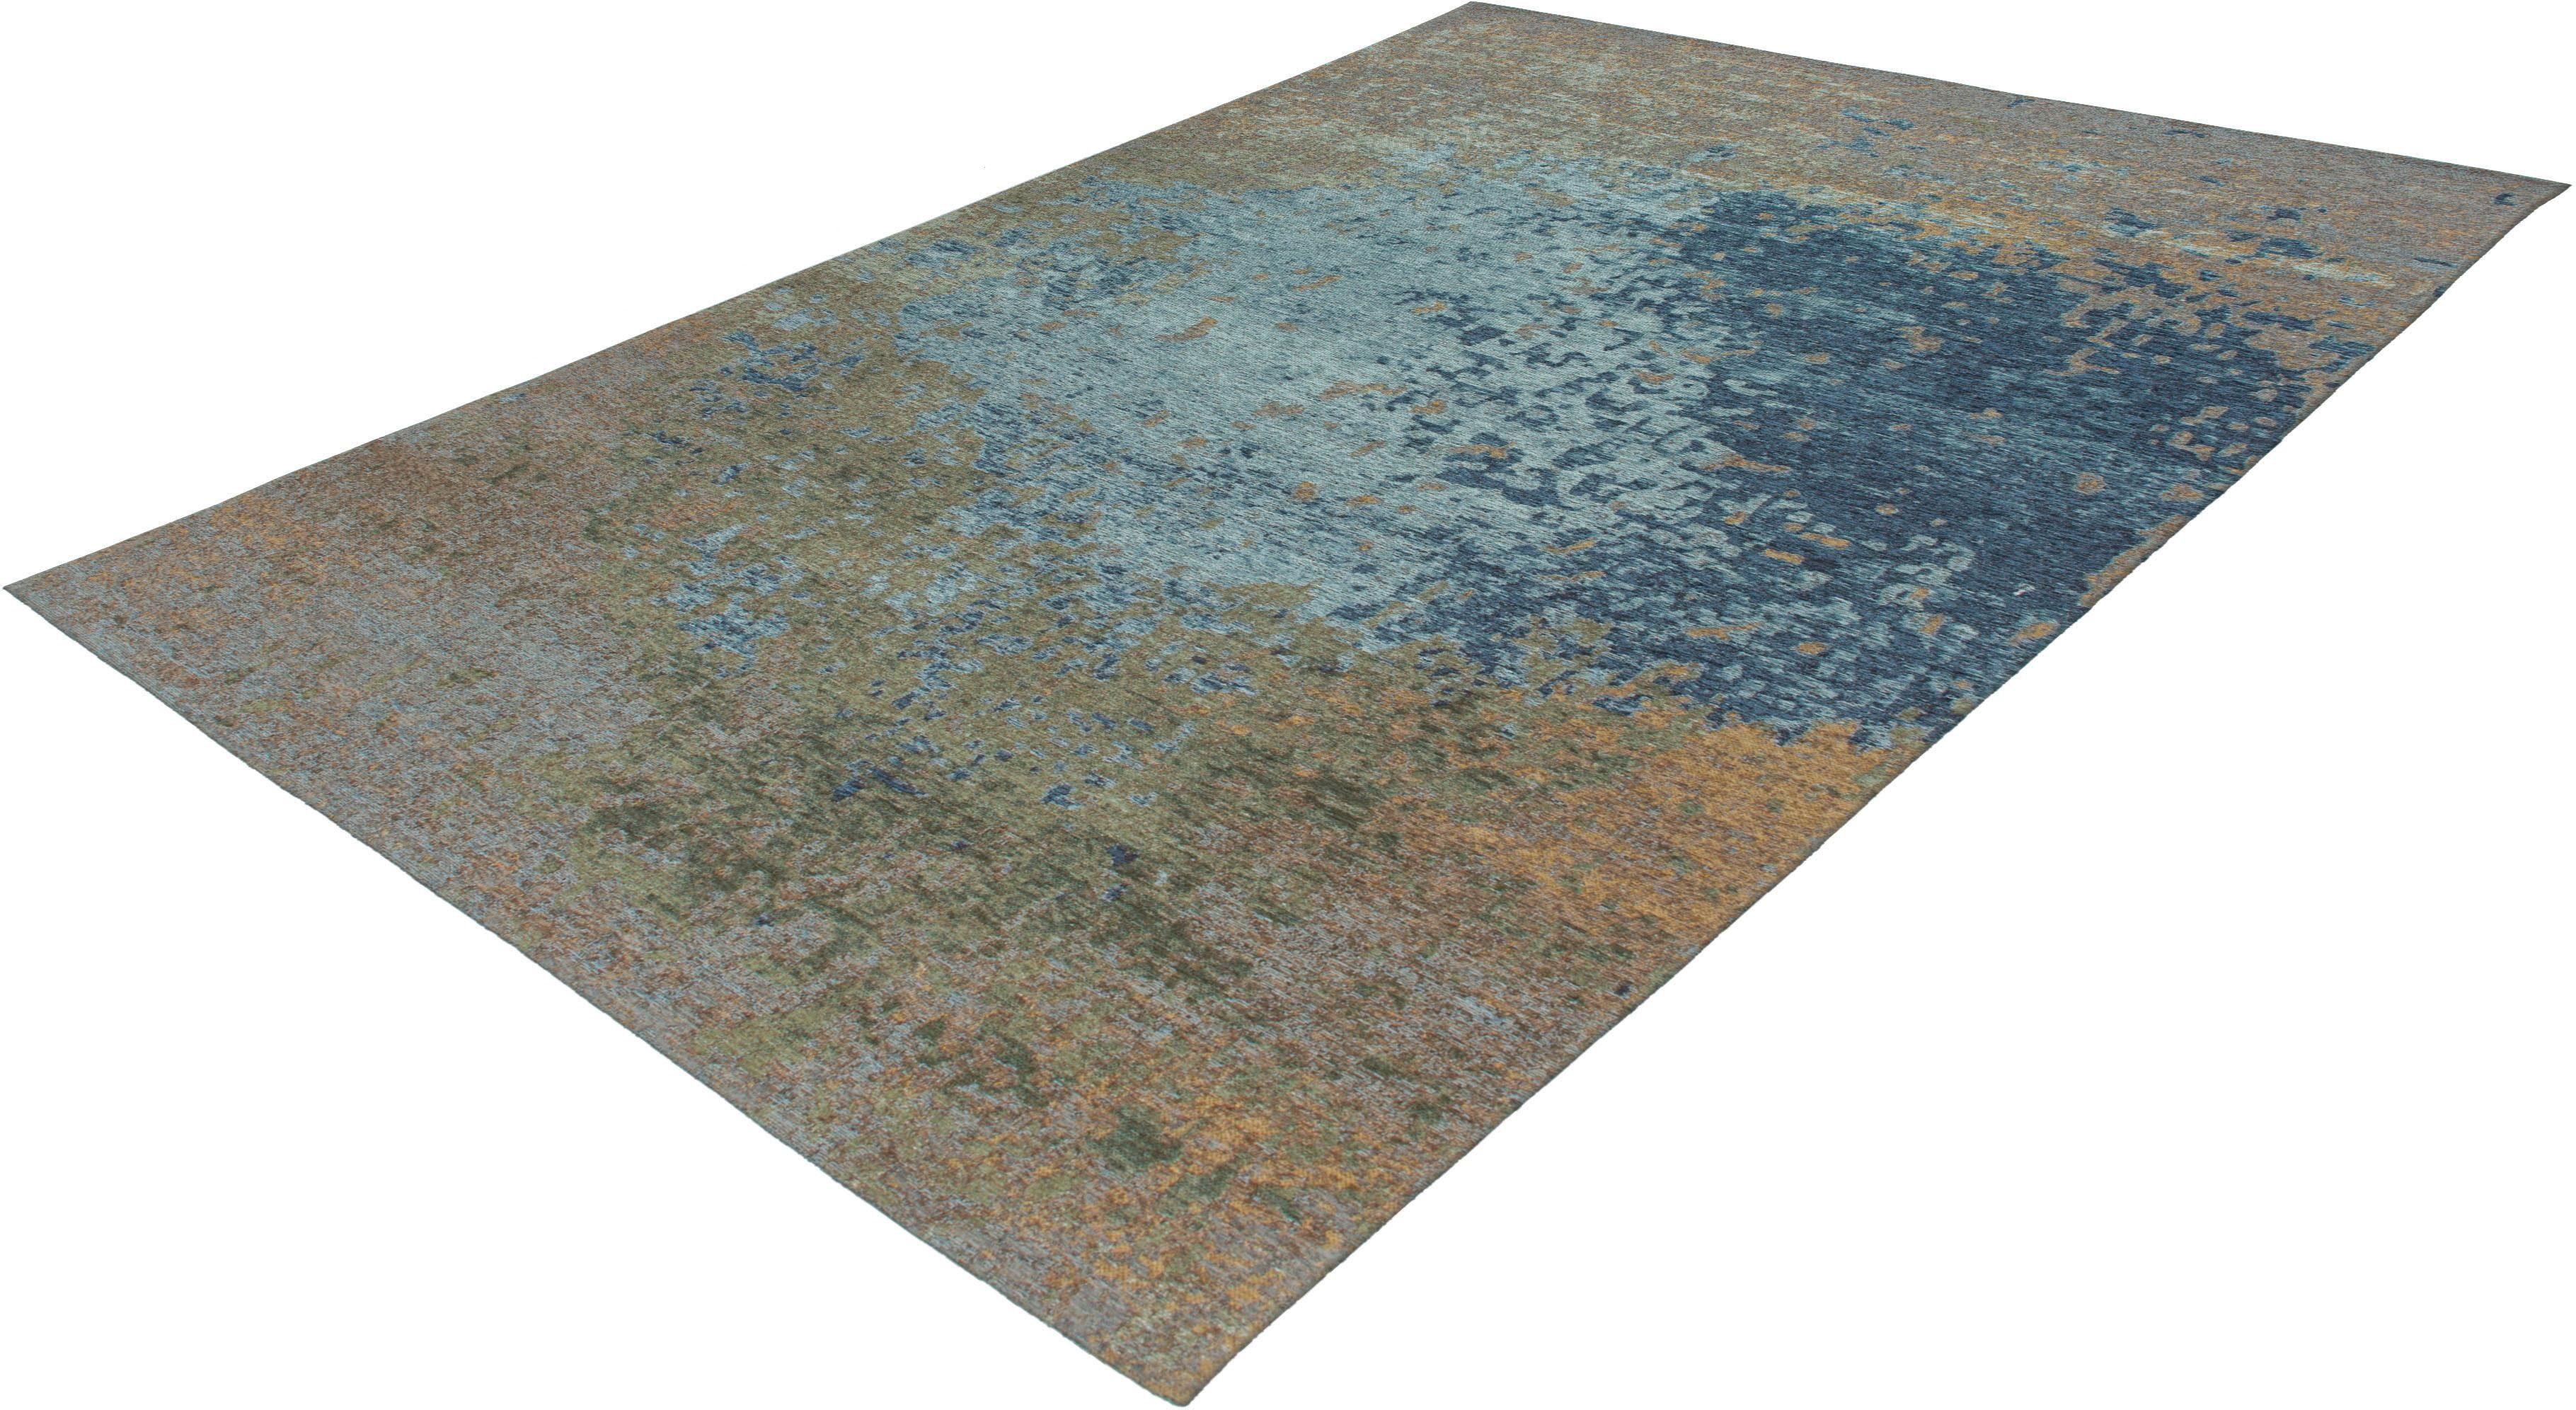 Teppich Ophir 201 calo-deluxe rechteckig Höhe 8 mm maschinell gewebt